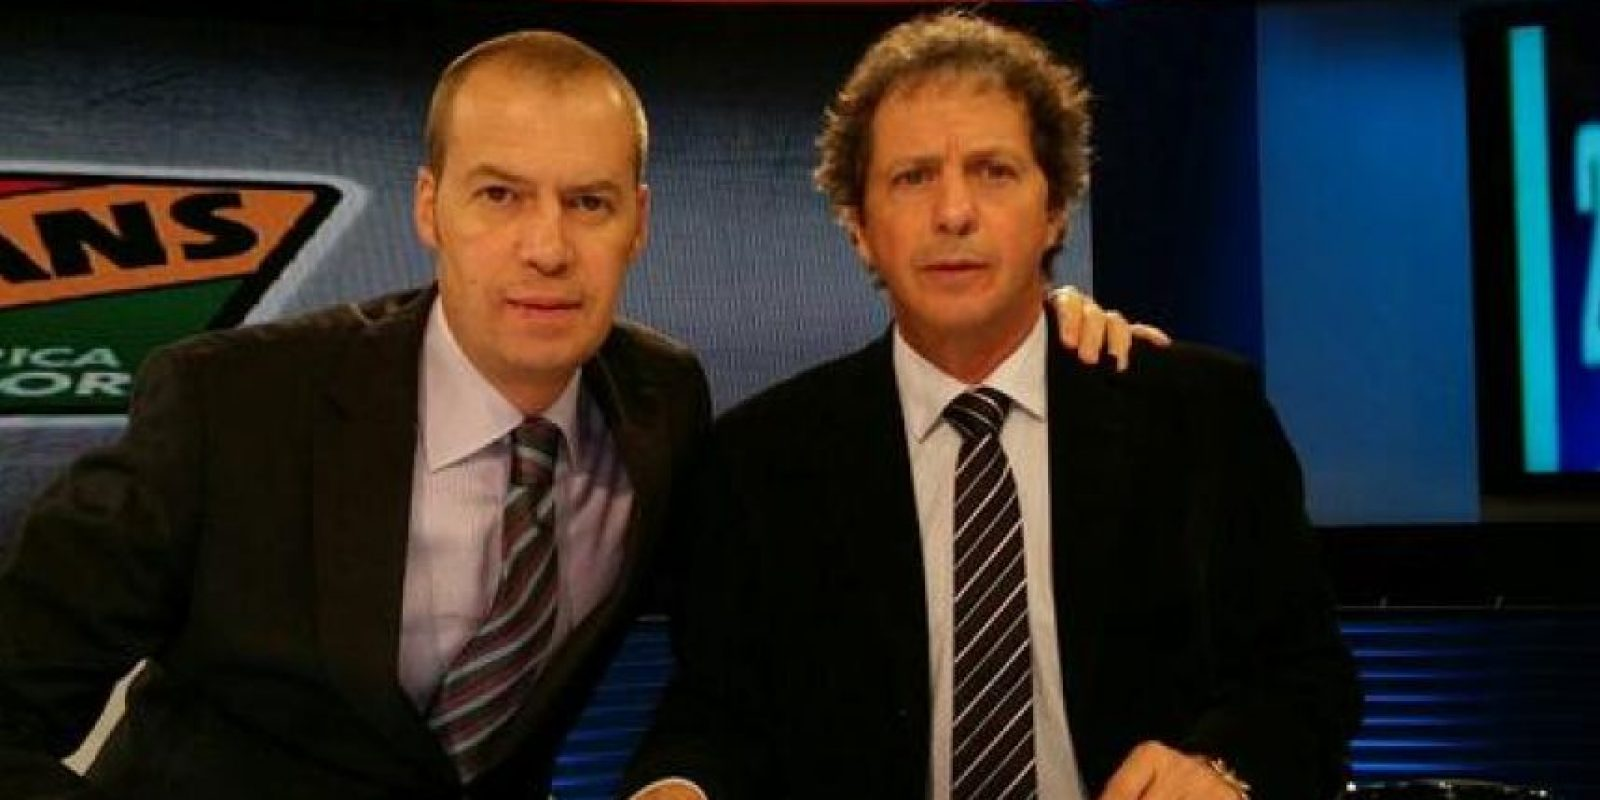 Los ánimos se caldearon entre ambos en plena transmisión en vivo de su programa. Foto:Fox Sports